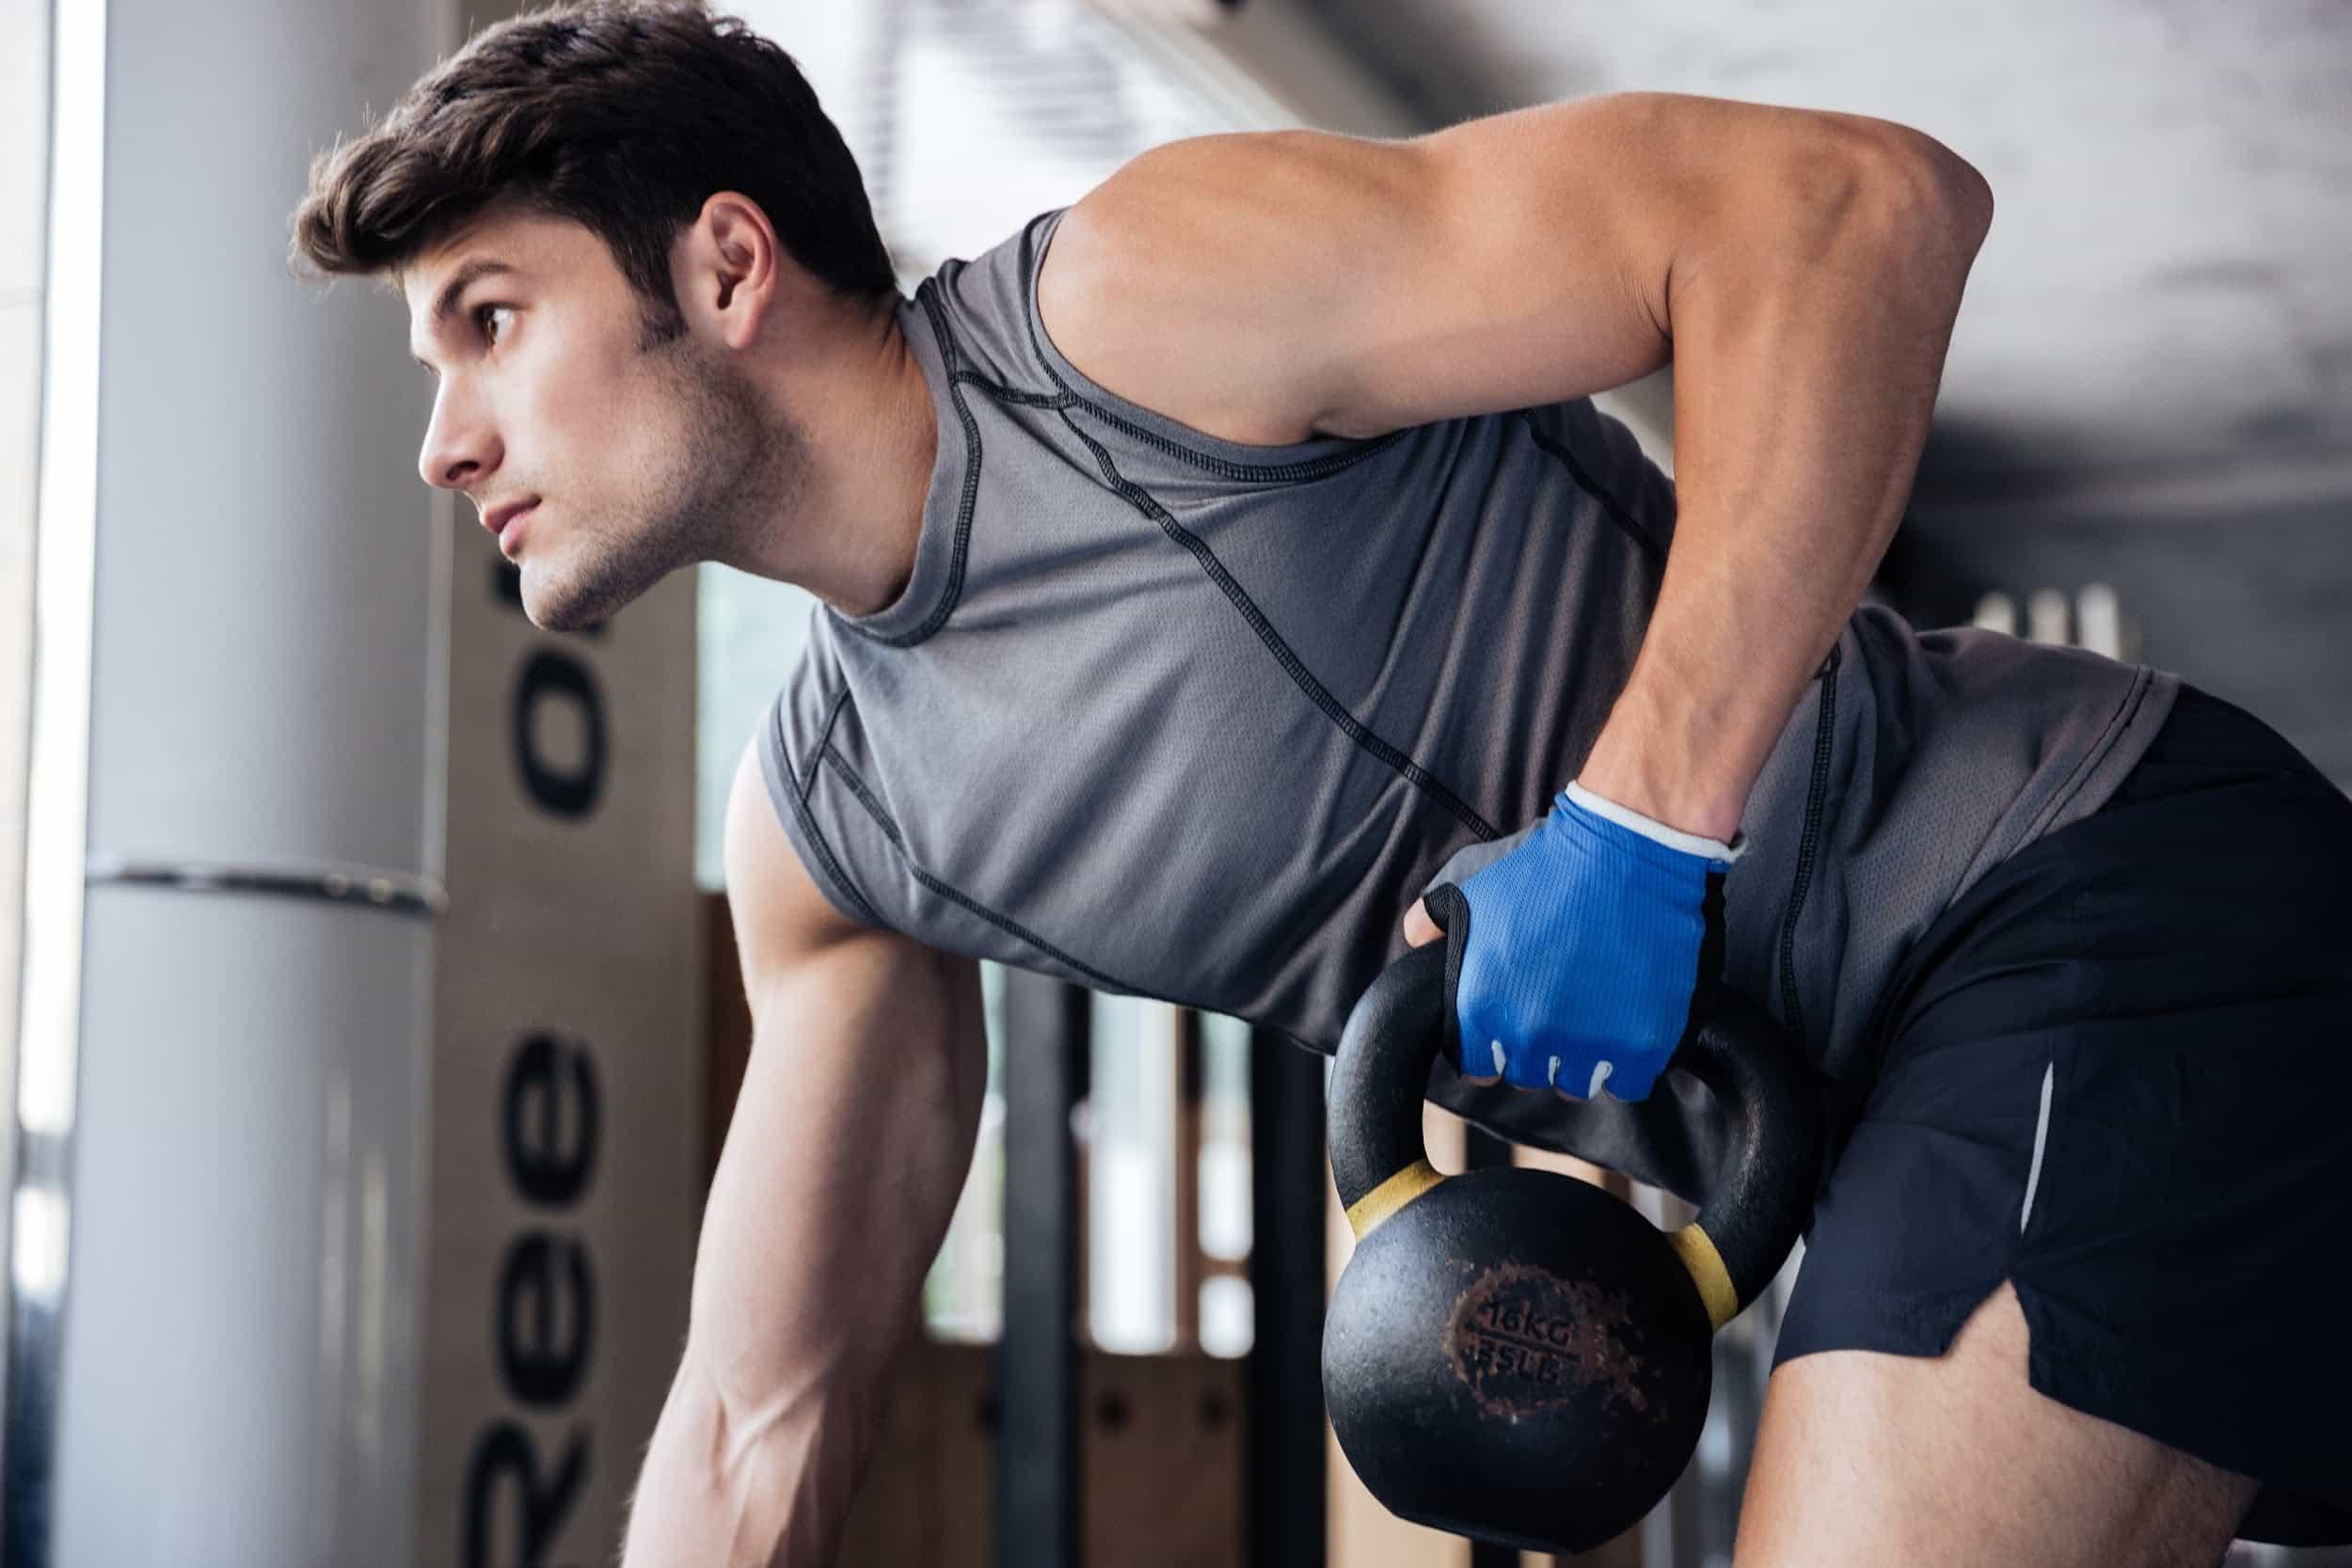 простой вариант, фотосессия для мужчин фитнес правильно сделать оформление